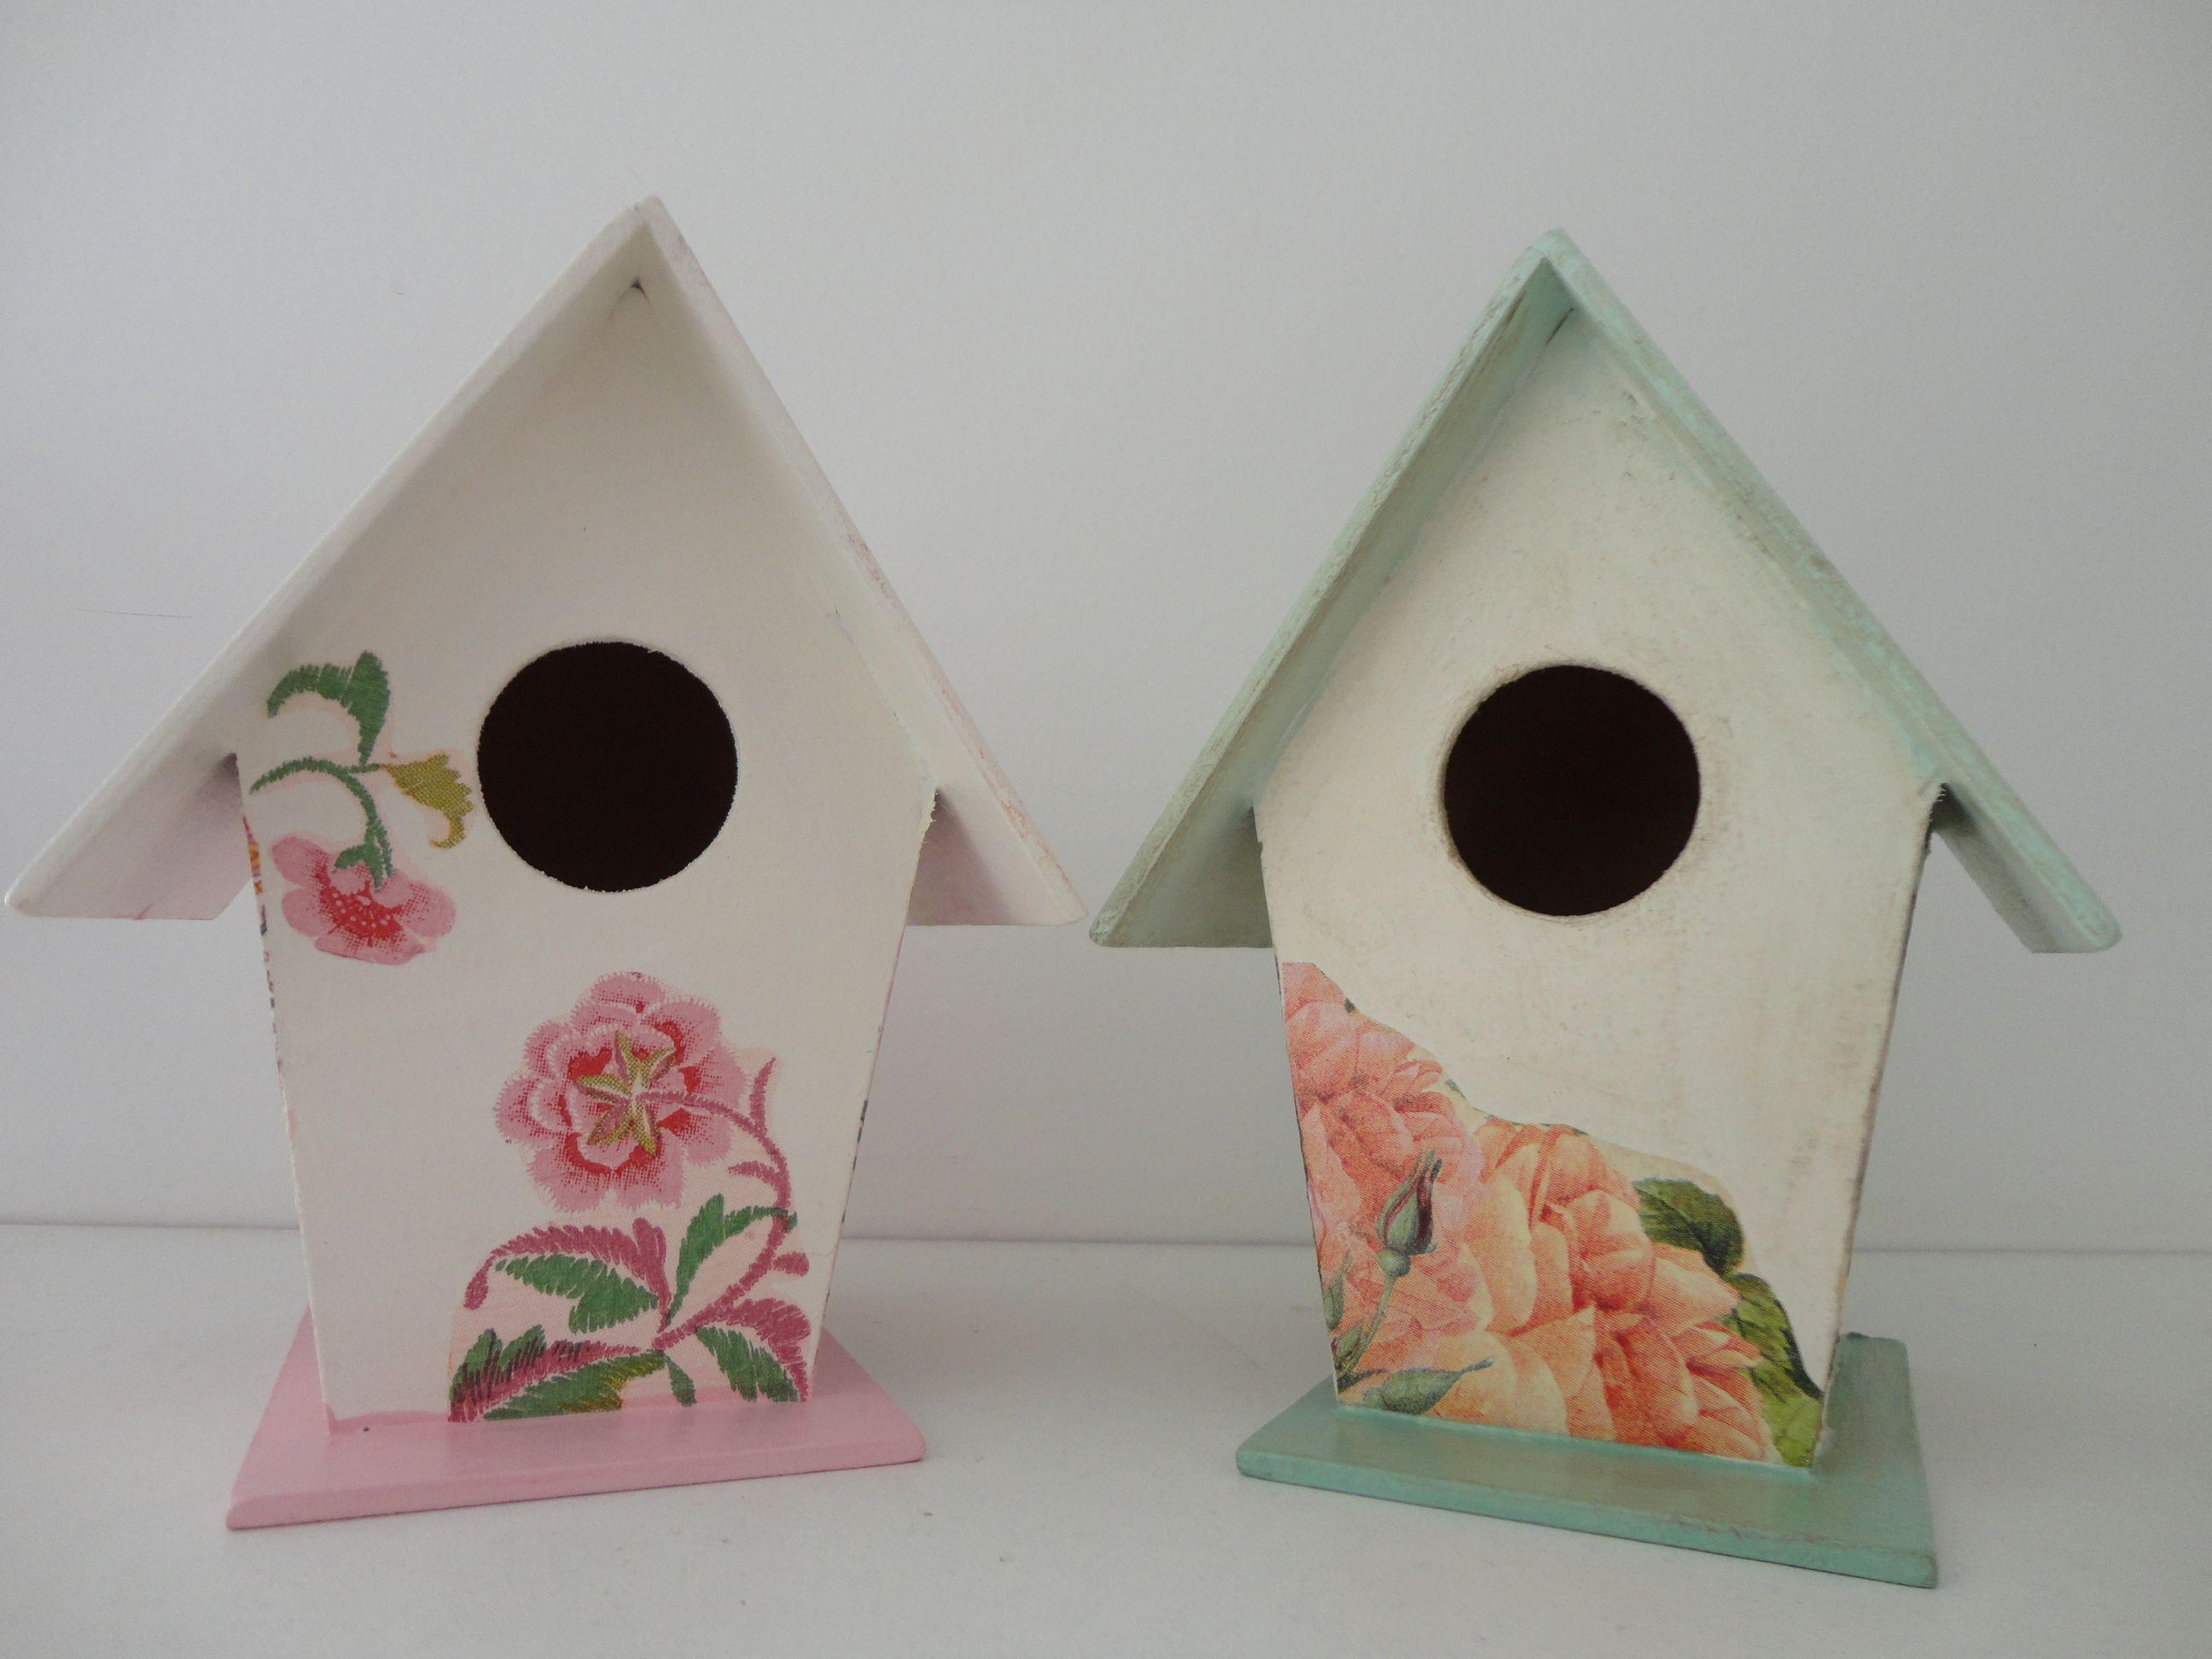 Casita de p jaros bird 39 s house tienda vp objetos deco - Casa para pajaros ...